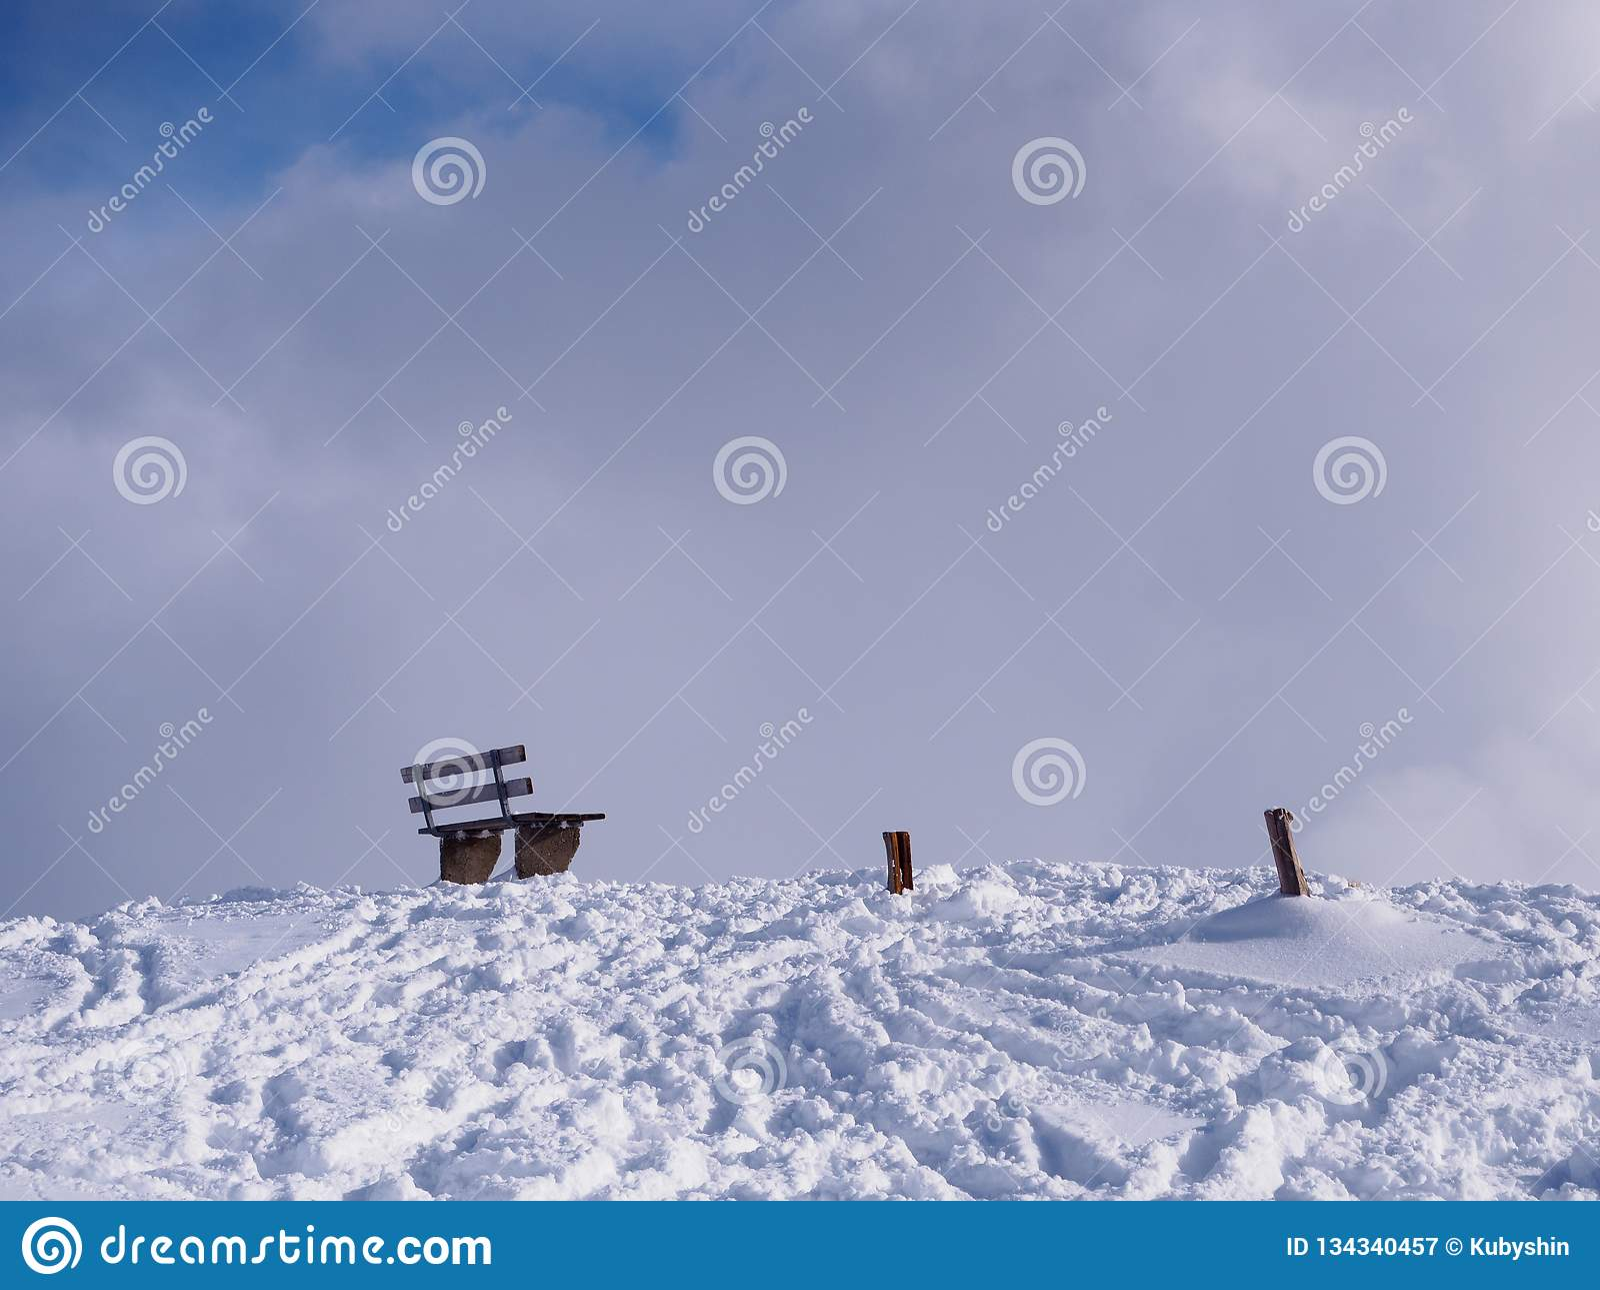 Banco solitario en nieve